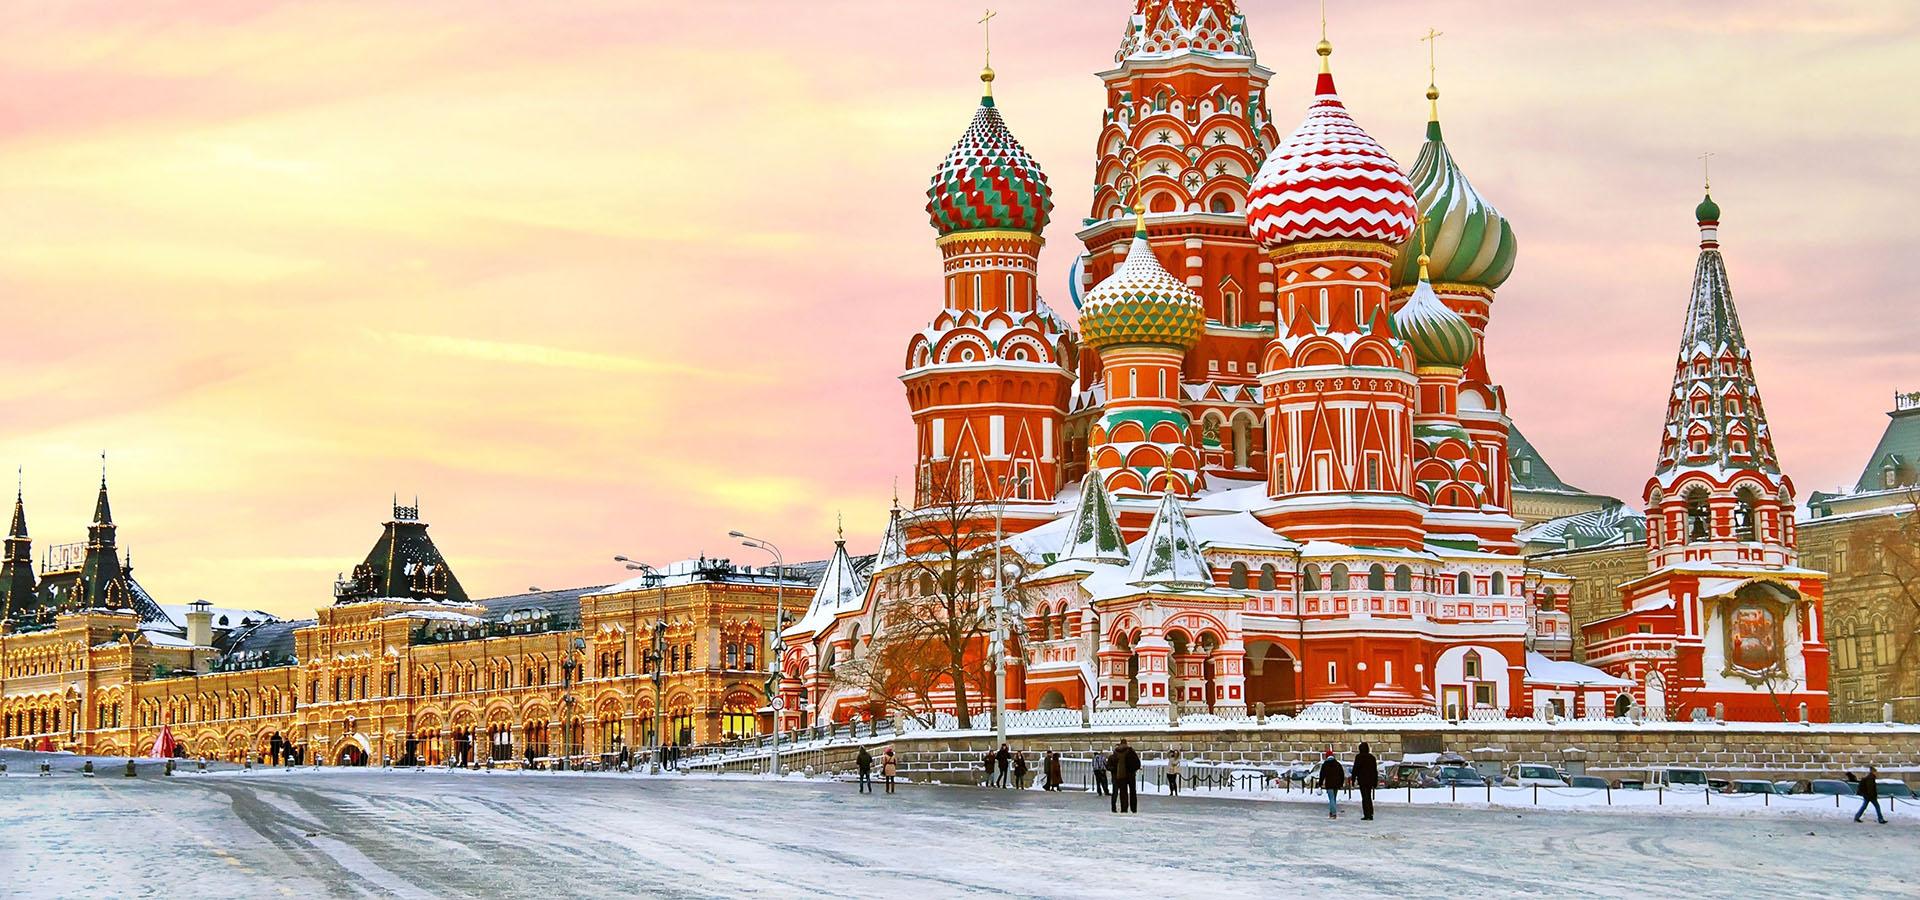 Тур на выходные в Москву без теста и карантина